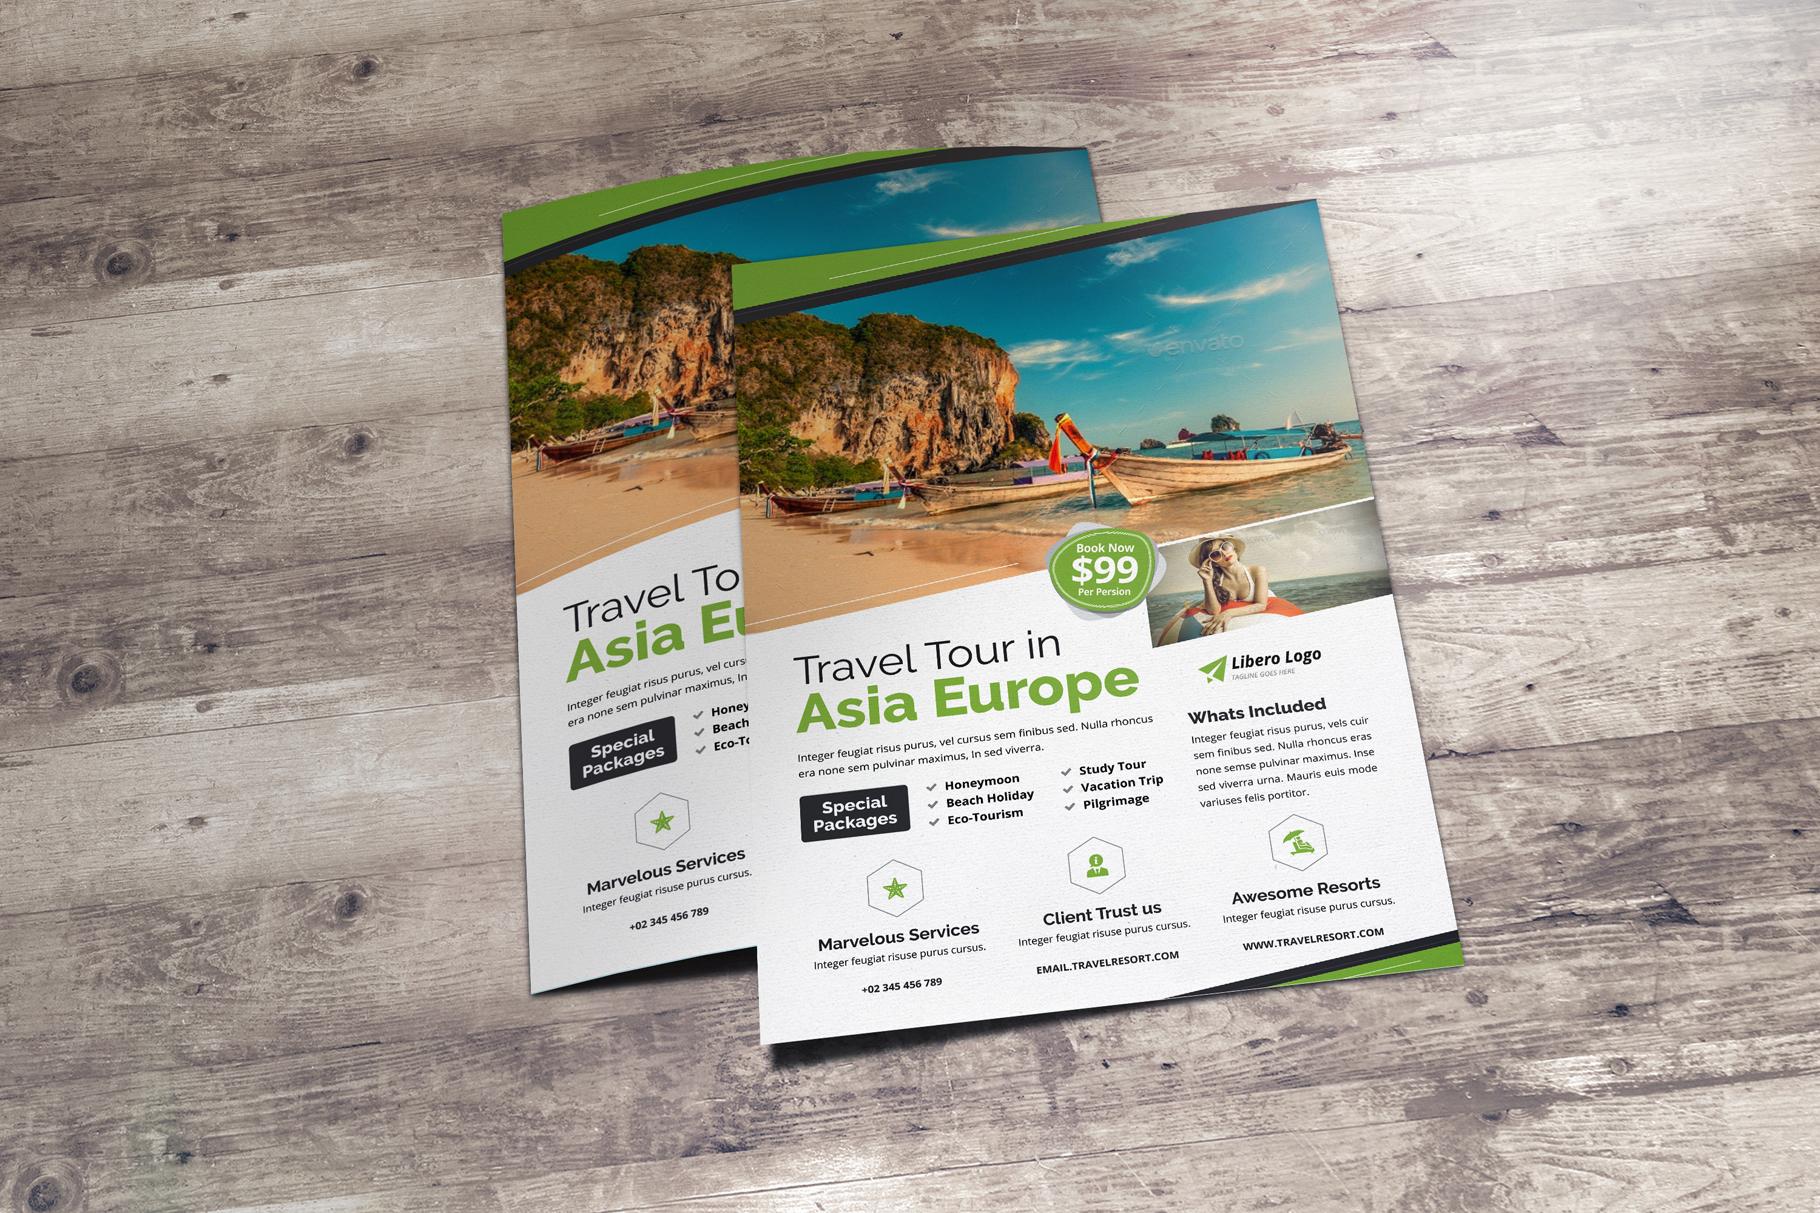 Travel Resort Flyer Design v2 example image 8